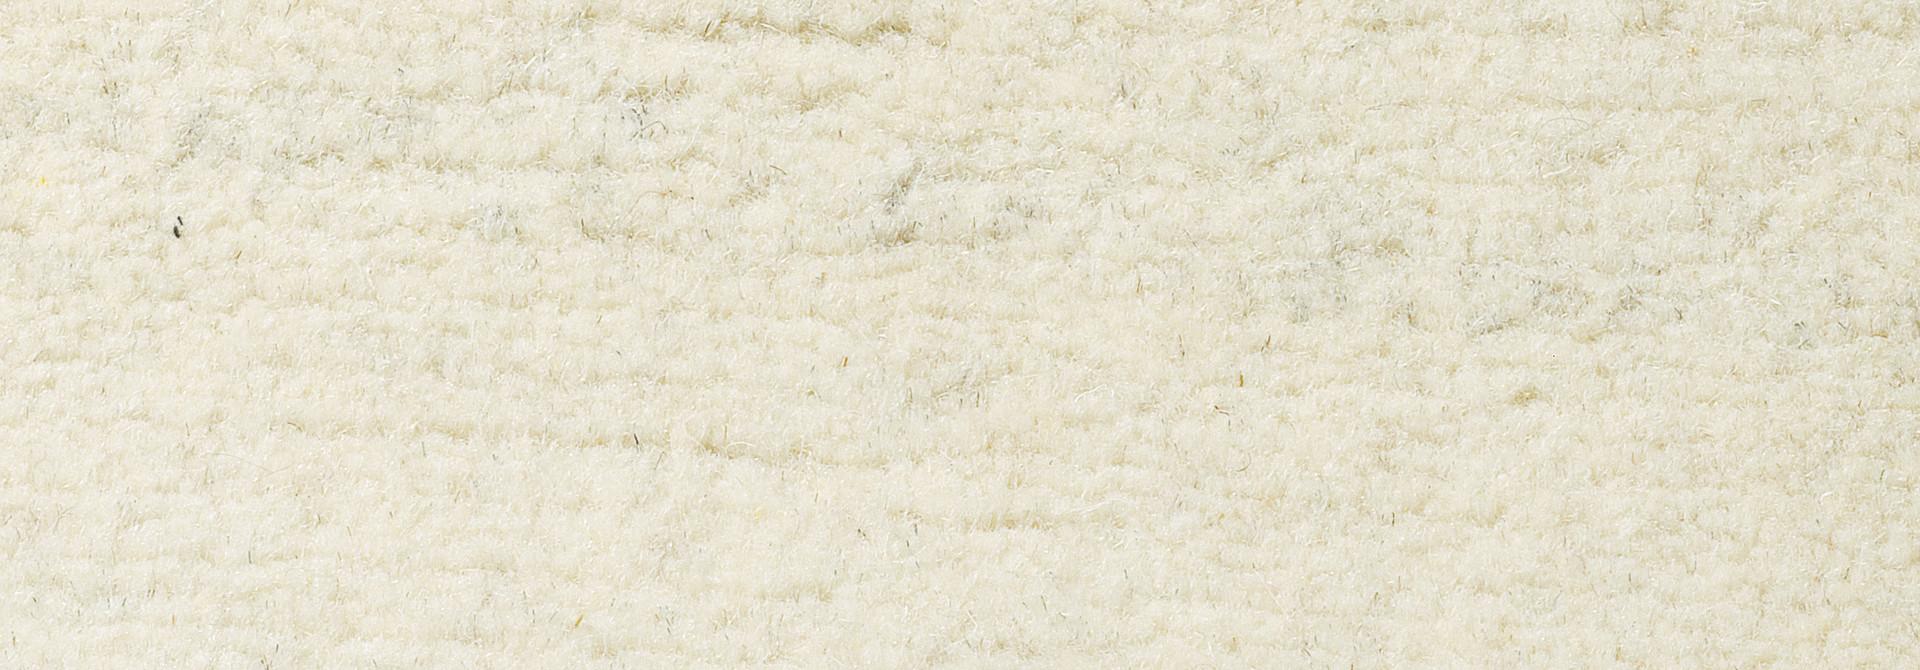 Yeti 51001